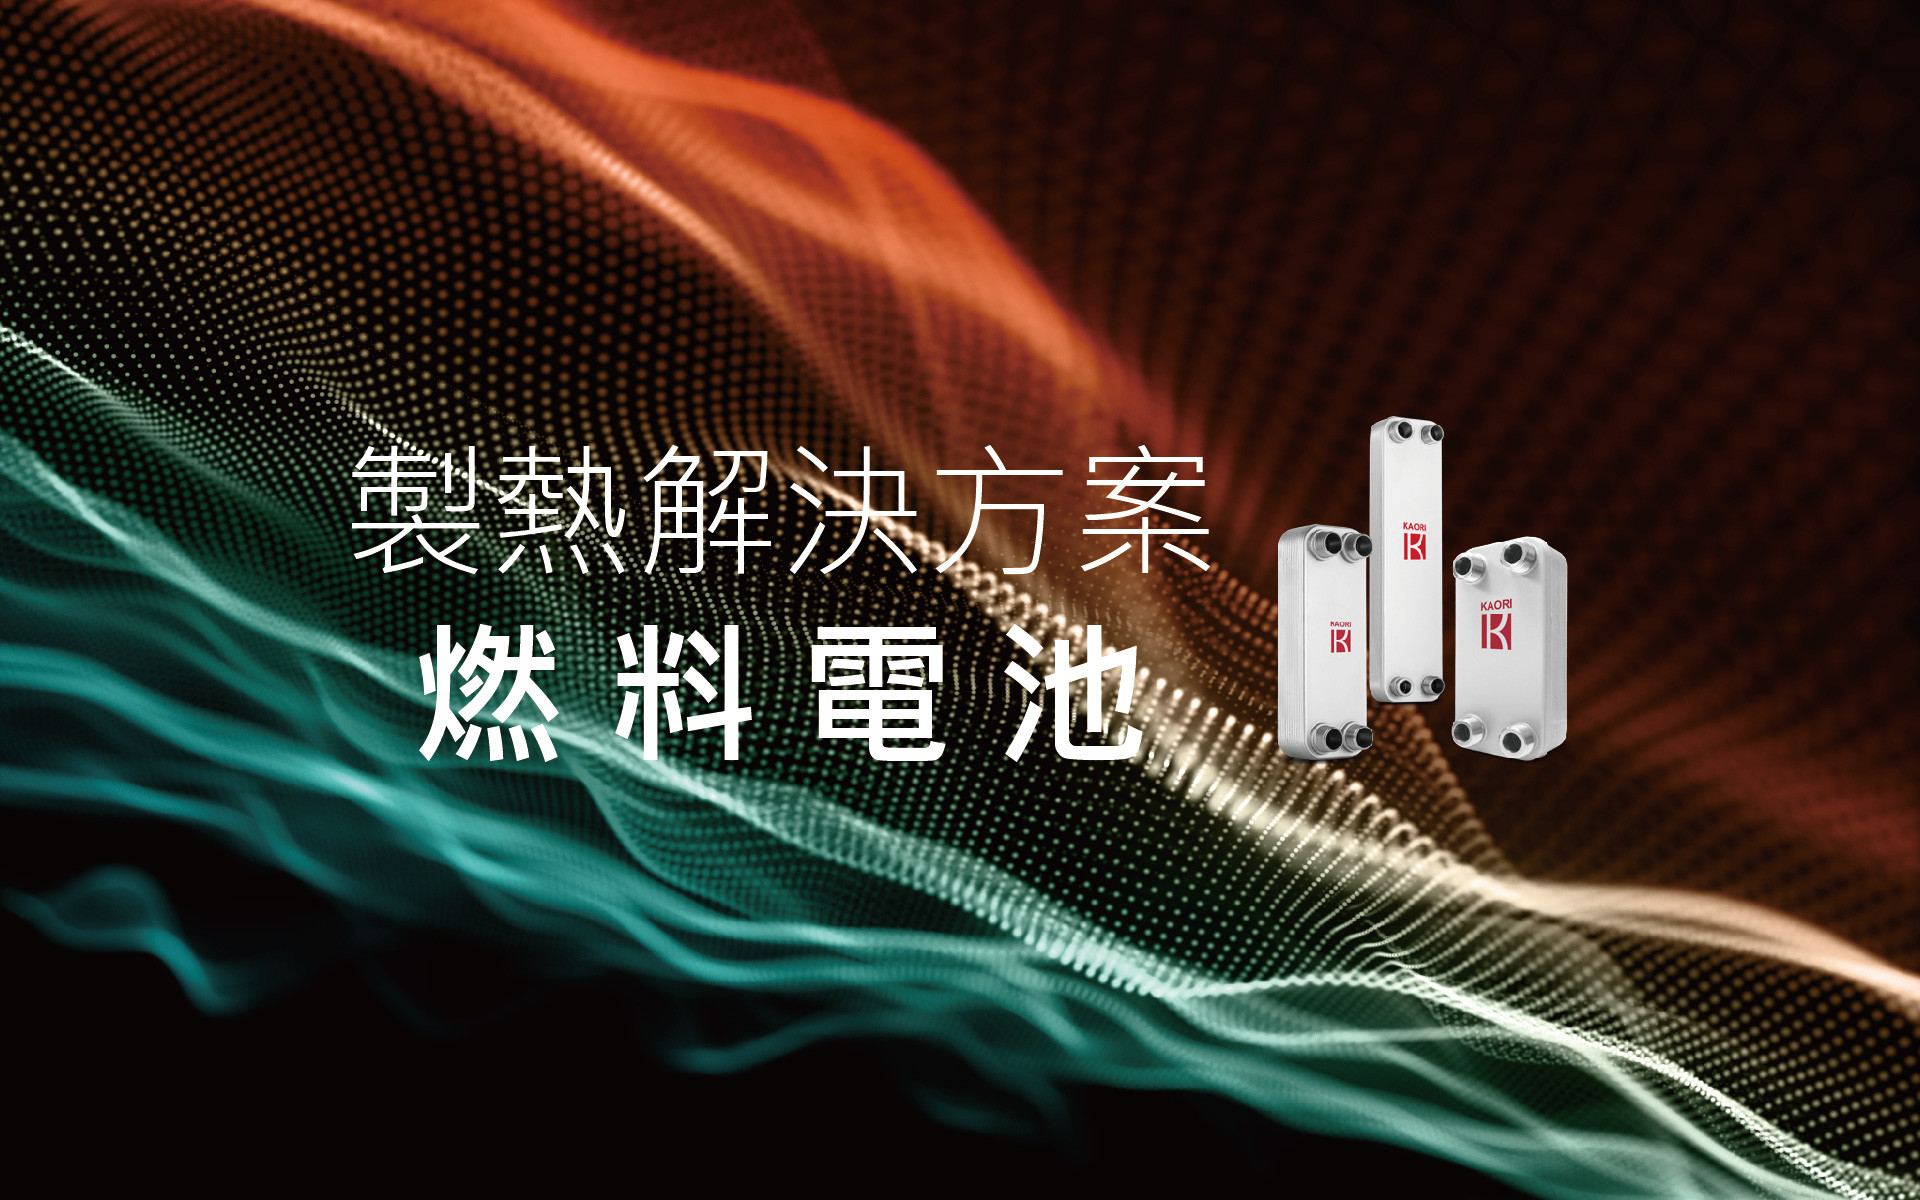 高力硬銲型板式熱交換器 製熱解決方案:燃料電池